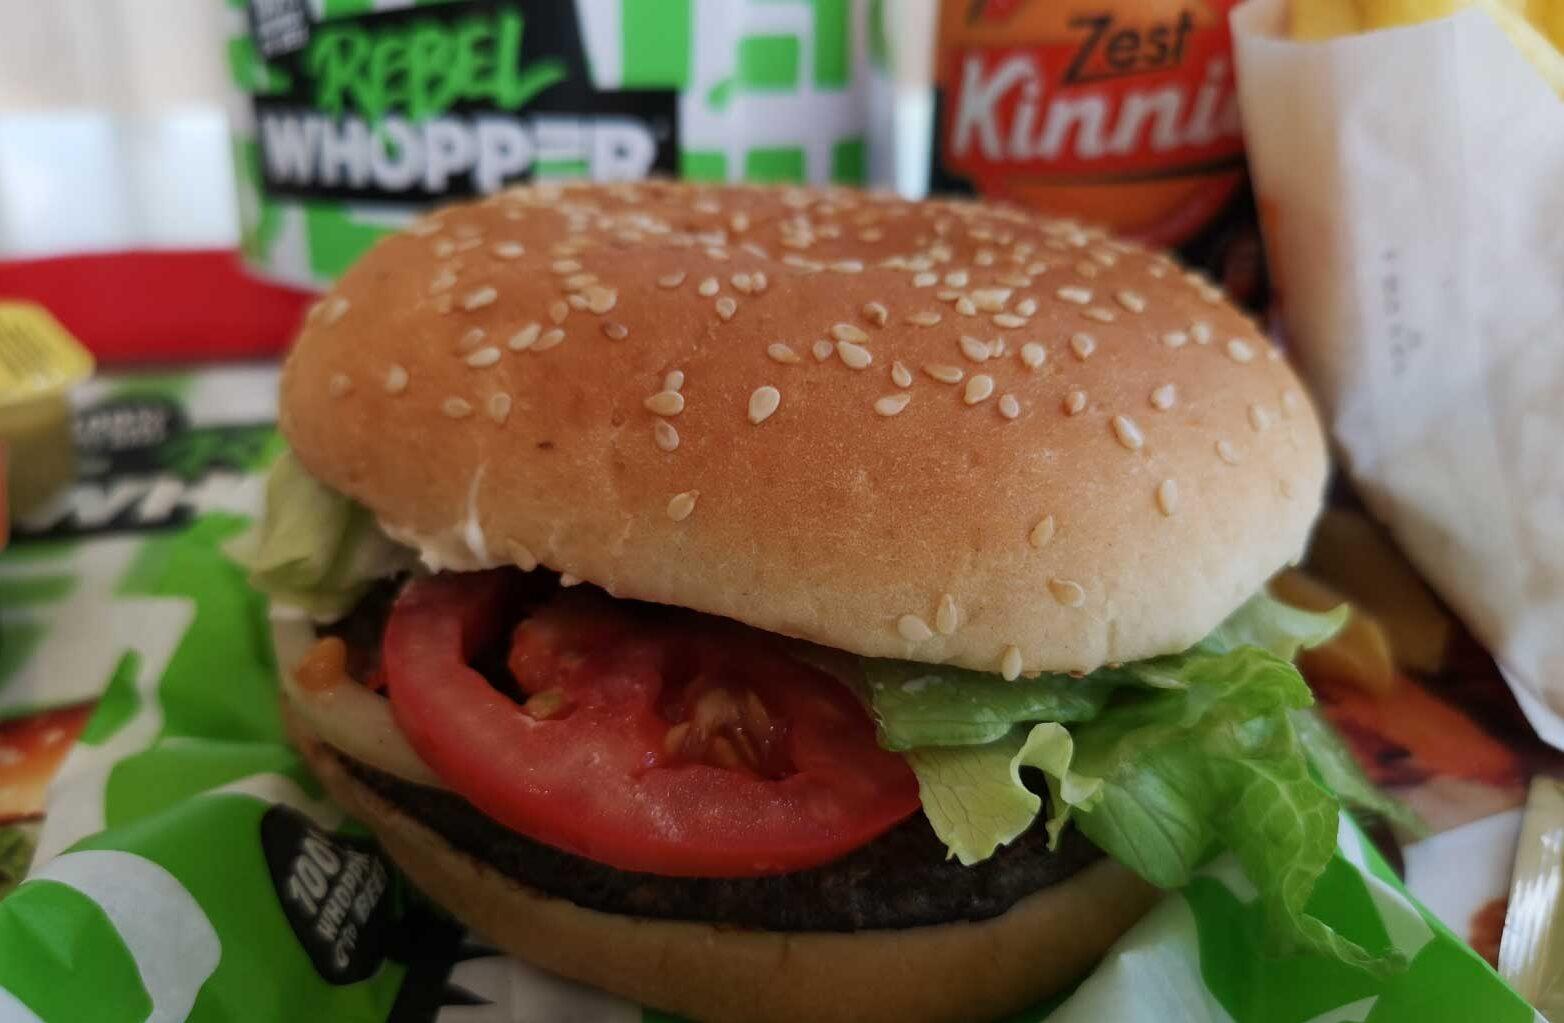 rebel whopper malta burger king vegan vegetarian fast food